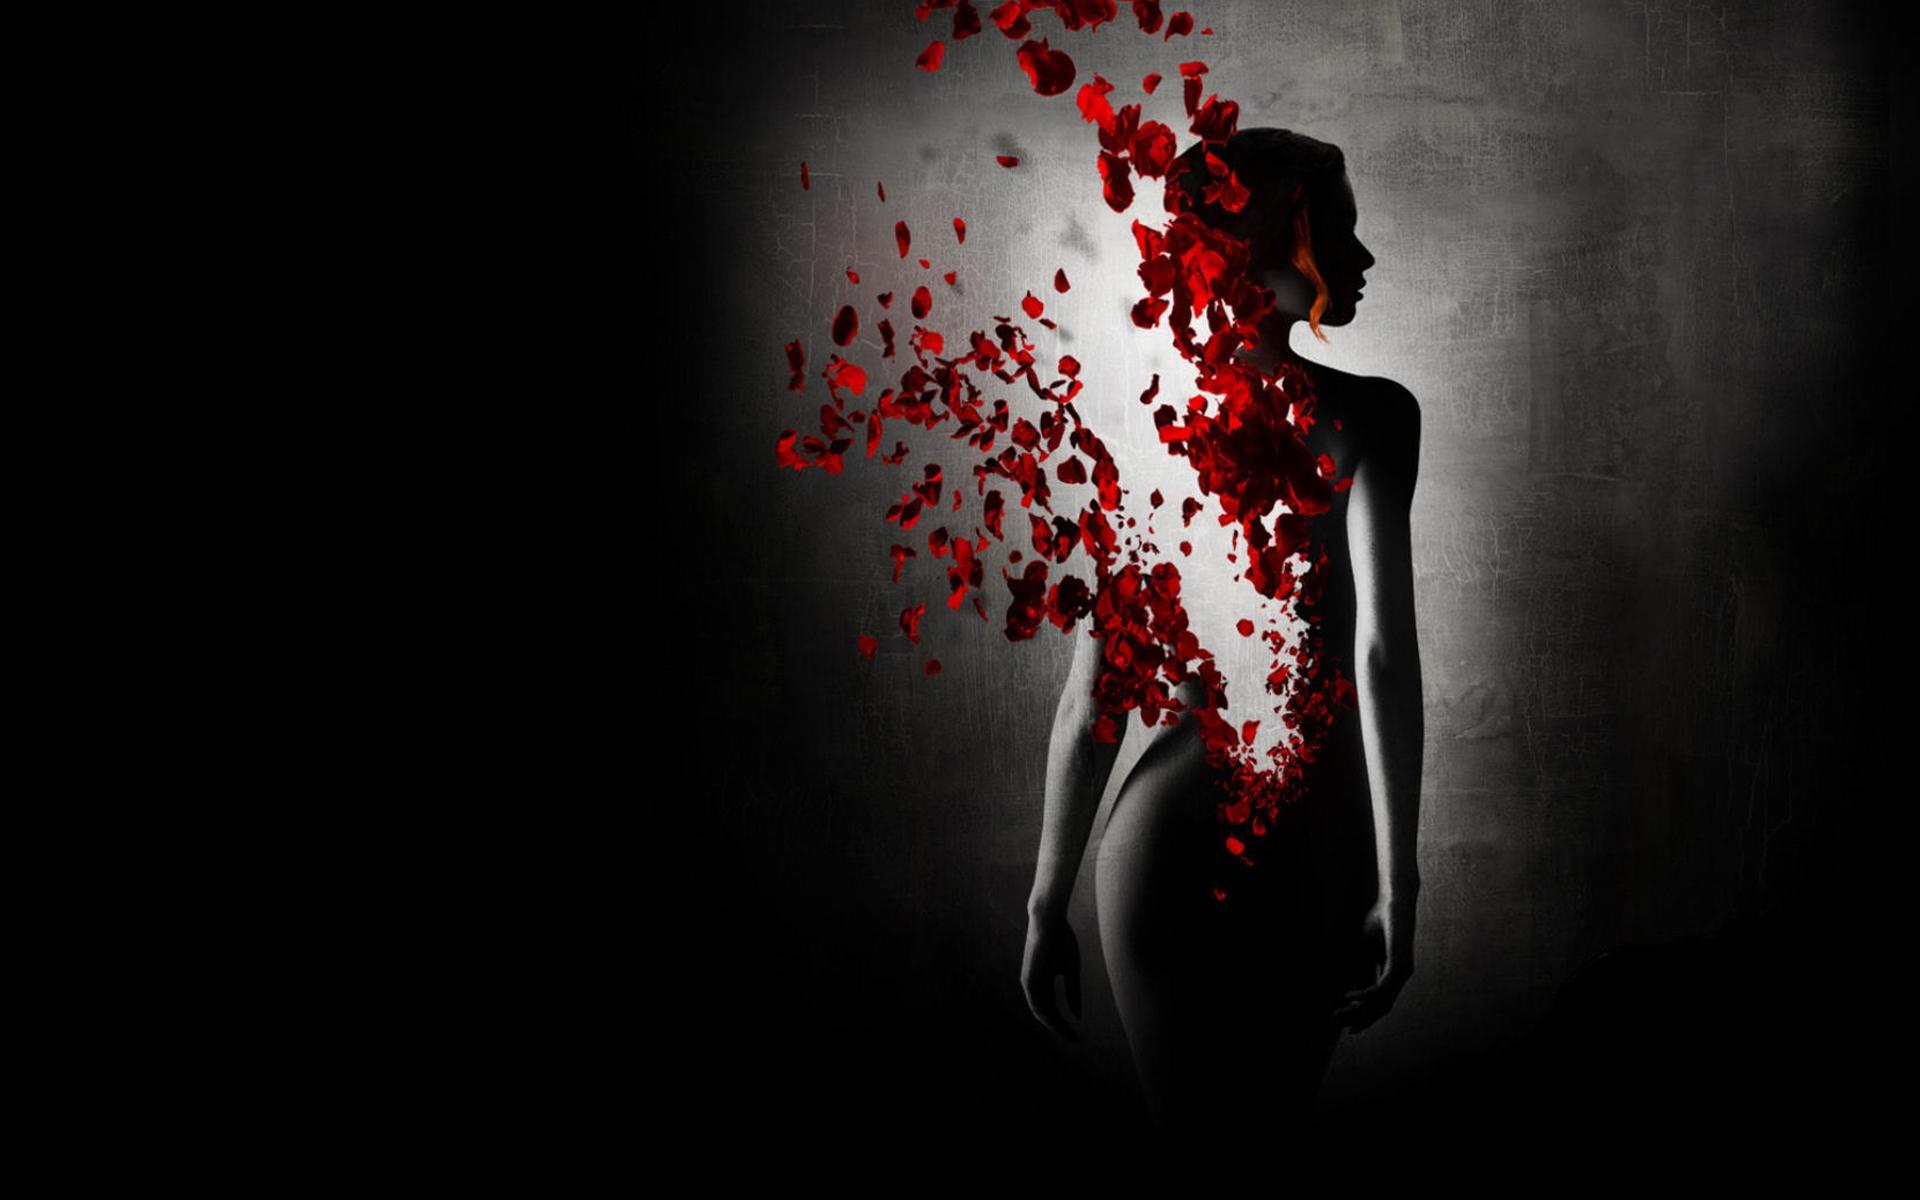 Perfume: The Story of a Murderer filmi teleseriala çevriləcək